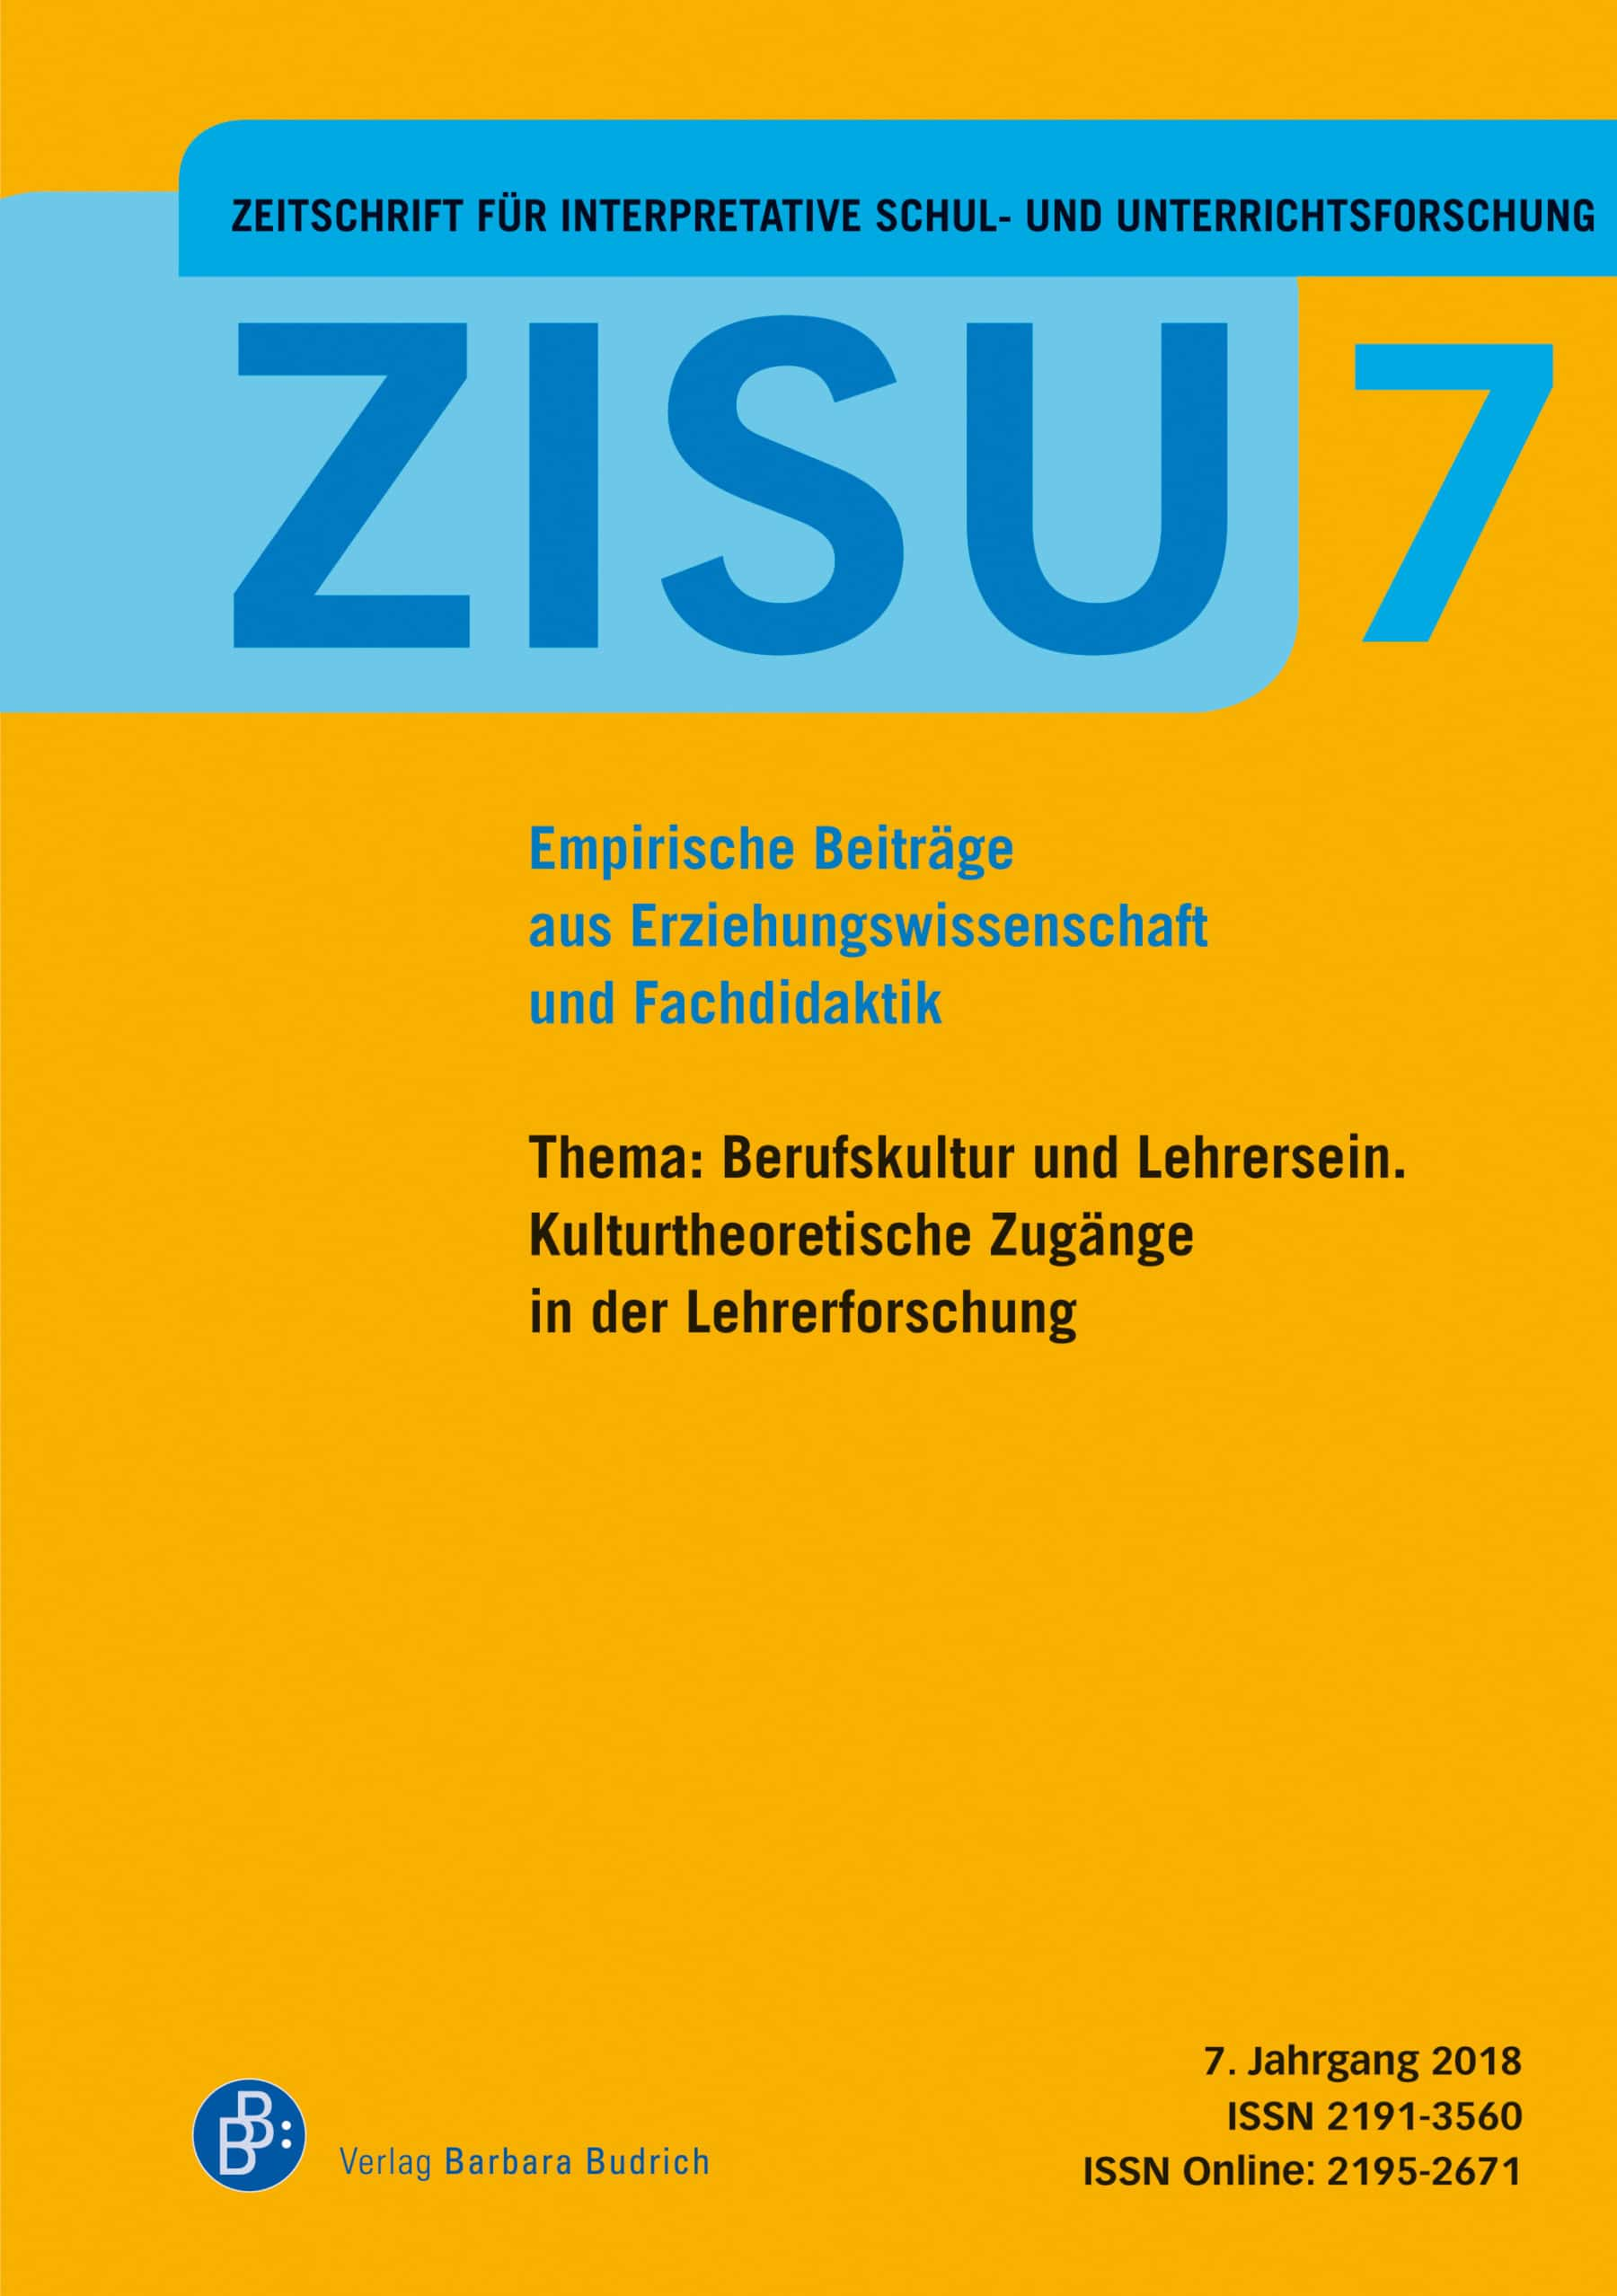 ZISU 7 (2018) | Berufskultur und Lehrersein. Kulturtheoretische Zugänge in der Lehrerforschung